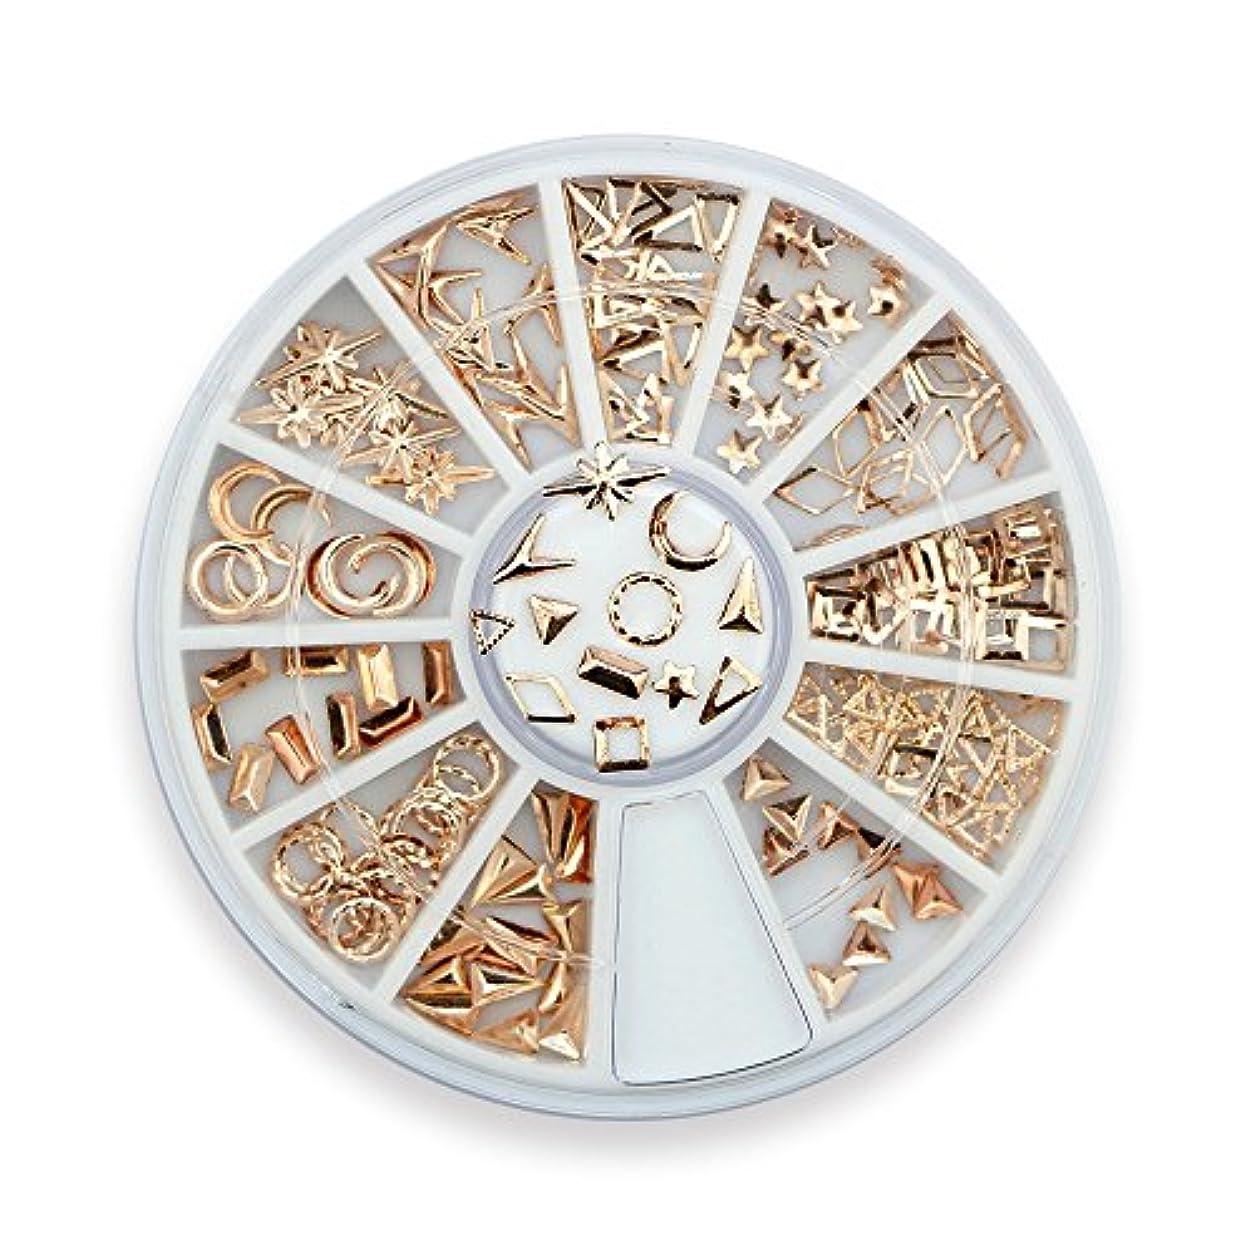 換気する百年餌Takarafune ネイルアート ネイル パーツ ローズゴールド メタルスタッズ セットビジュー ジェルネイル 3Dネイルデコレーション 12種類